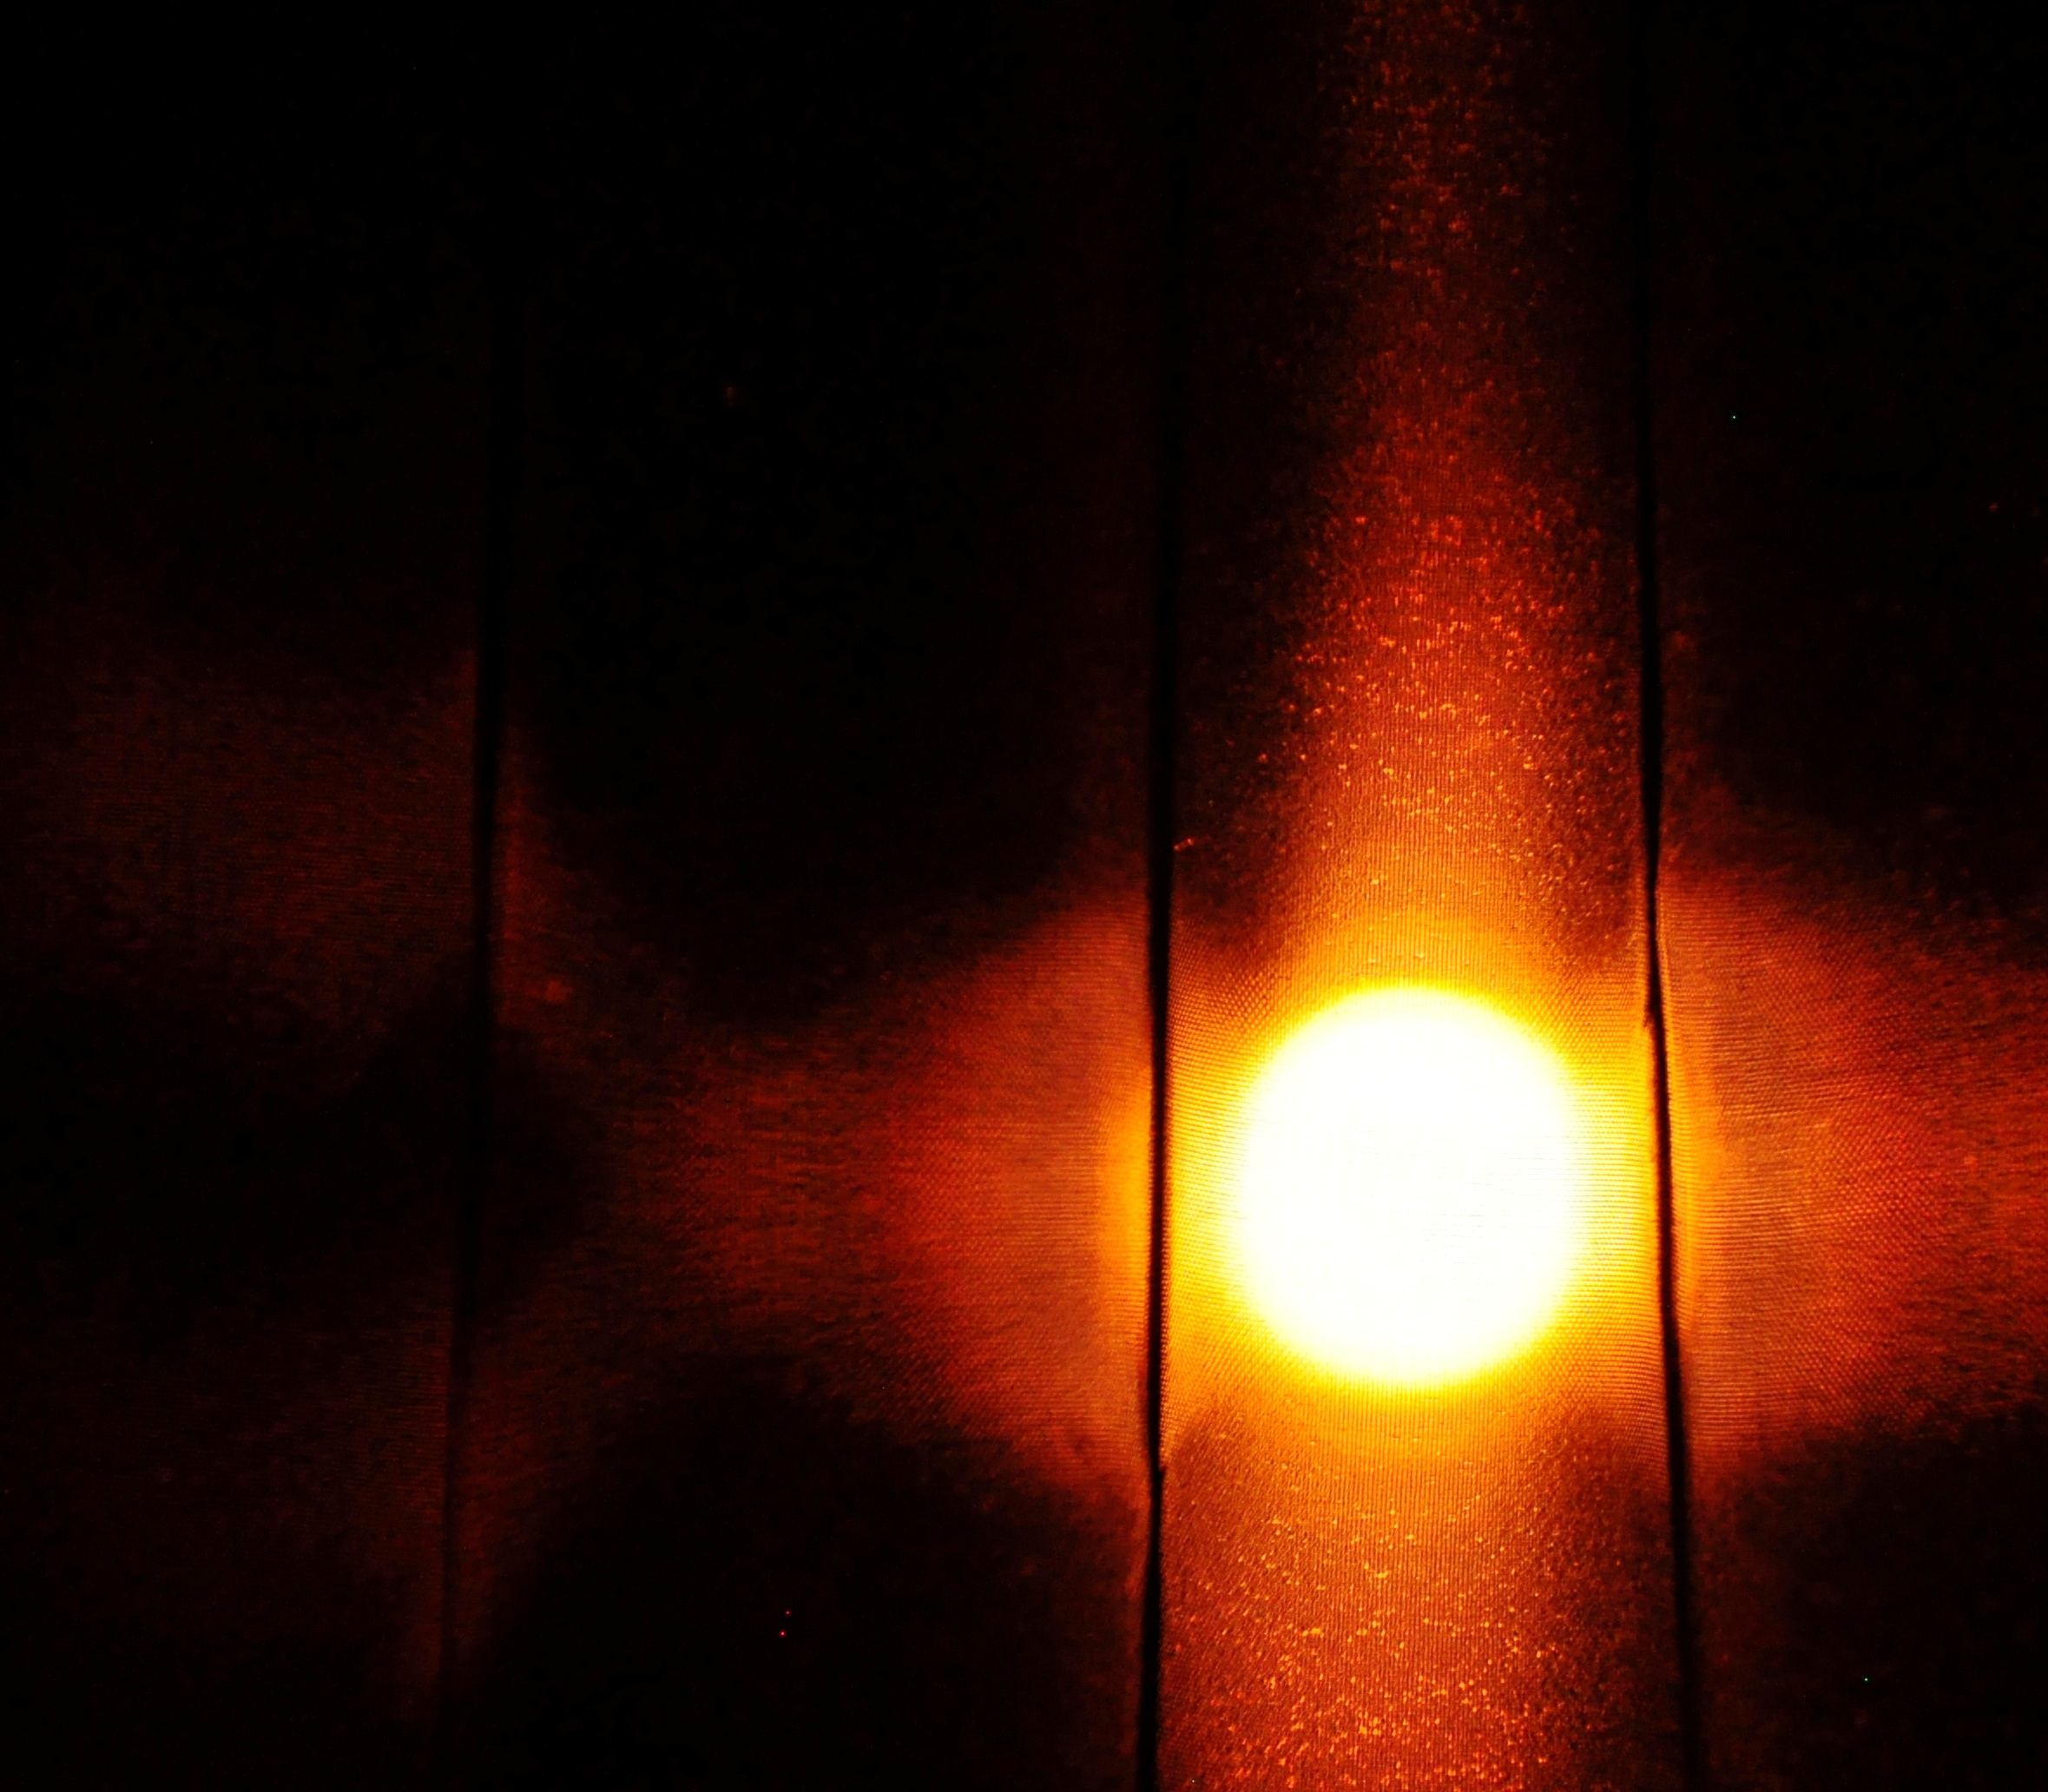 Svetlo pouličnej lampy z môjho okna.